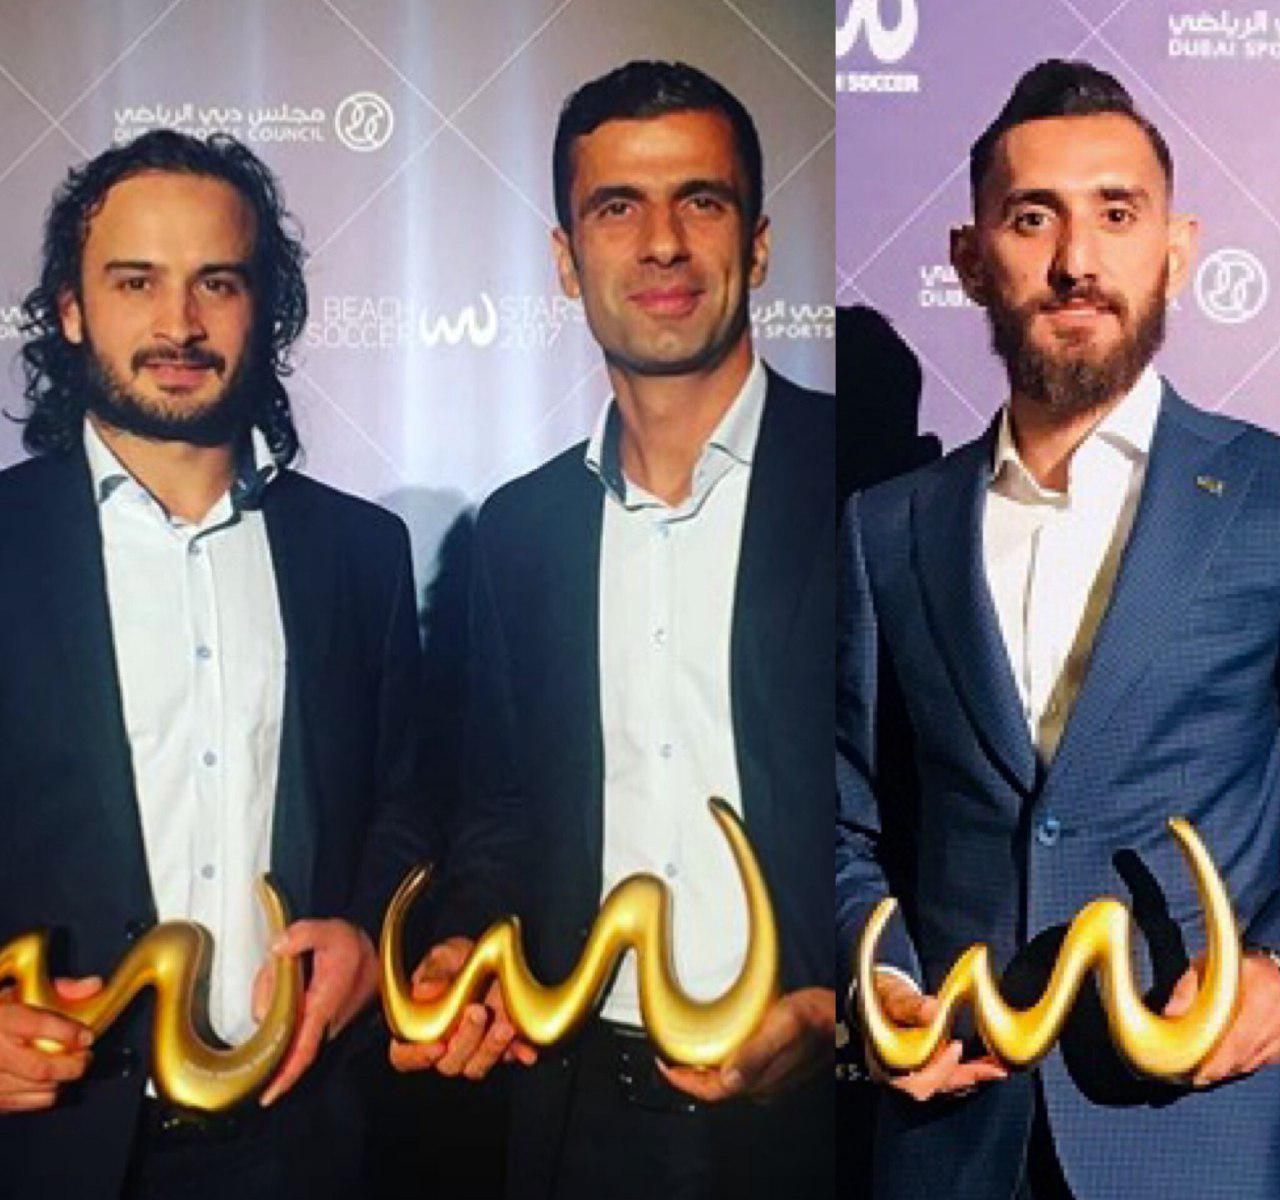 سه ساحلی باز ایران نامزد کسب عنوان برترین بازیکن جهان شدند